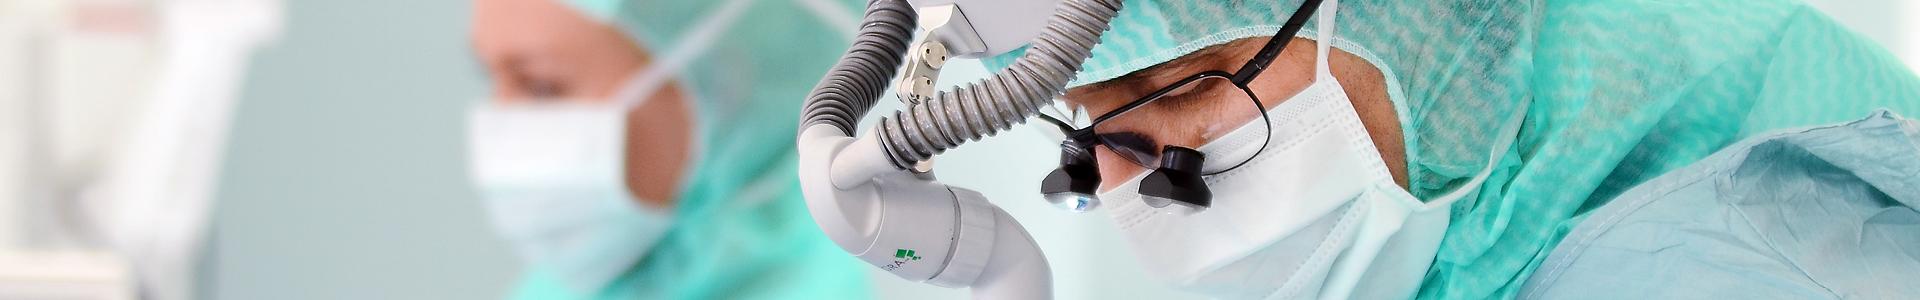 Närbild på en ryggkirurg under en operation.